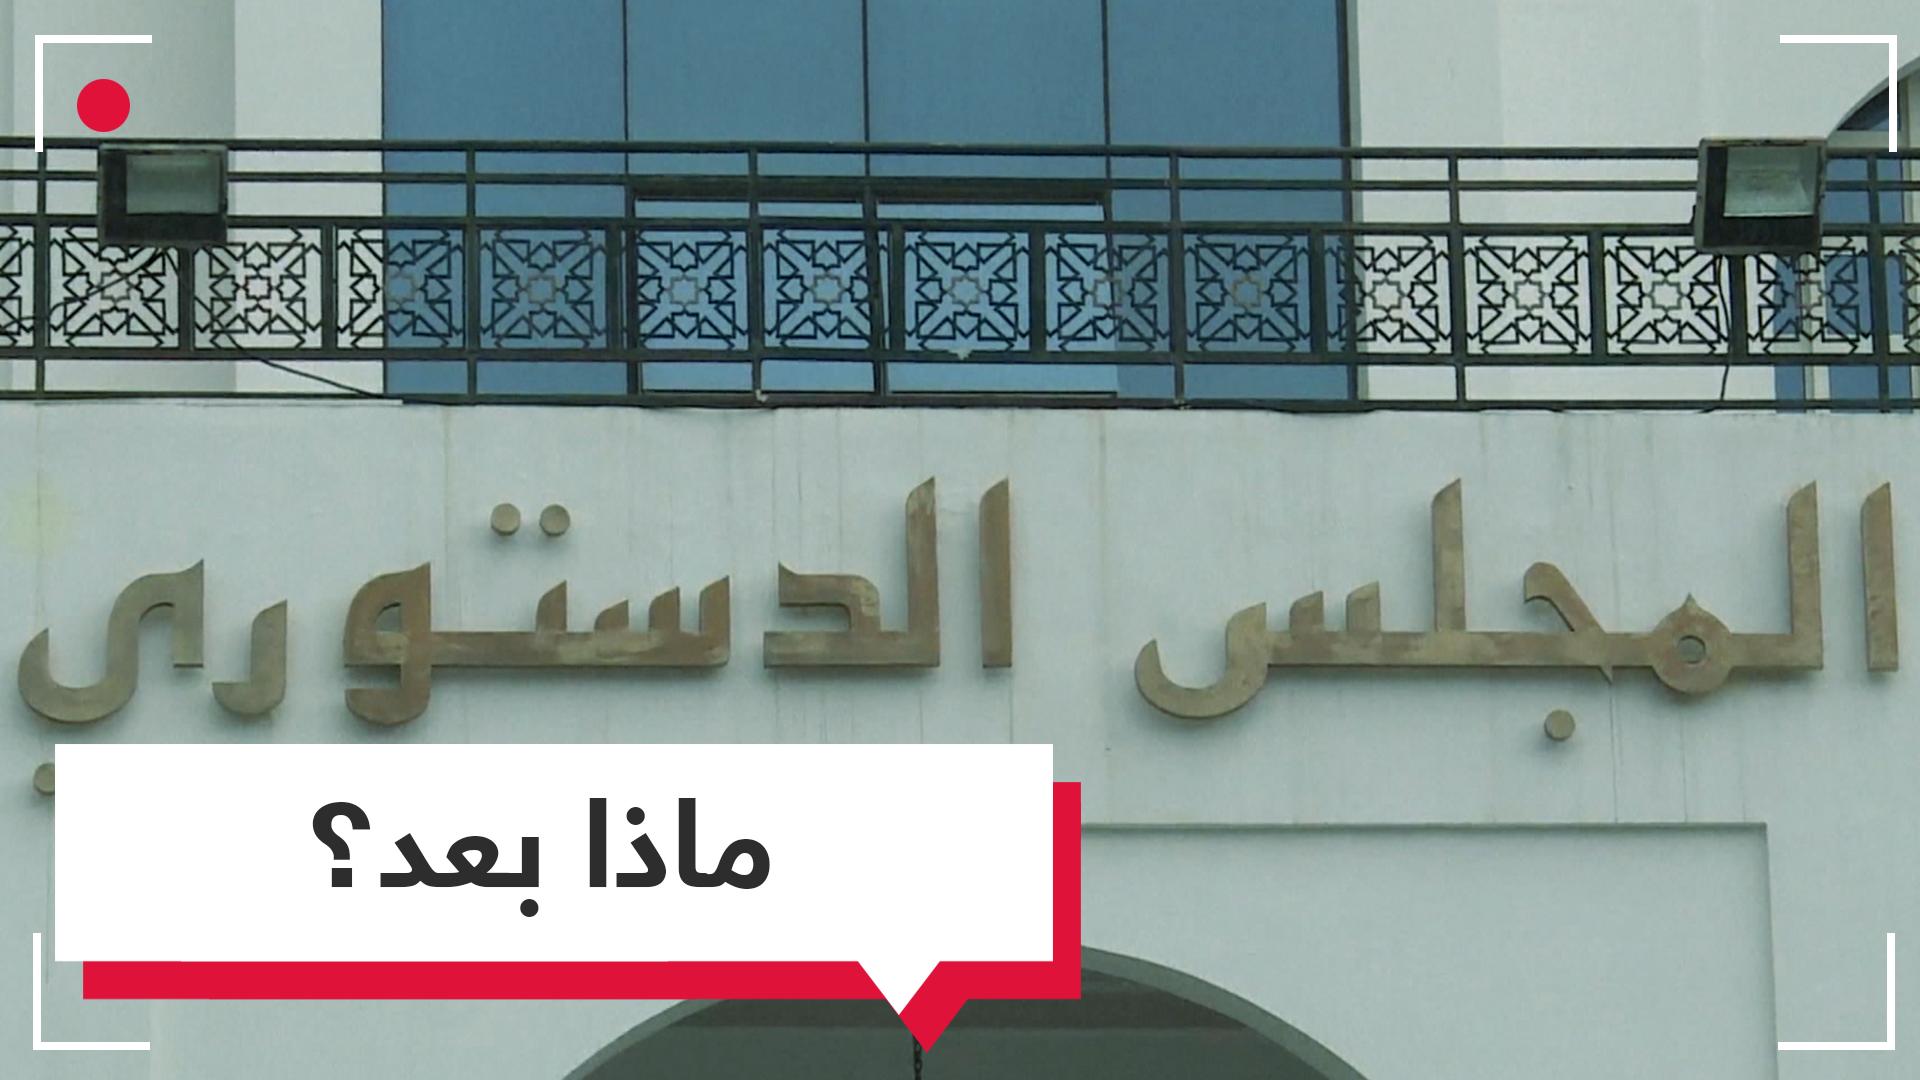 عبد القادر بن صالح مستمر.. ماذا بعد تأجيل الانتخابات الرئاسية في الجزائر؟